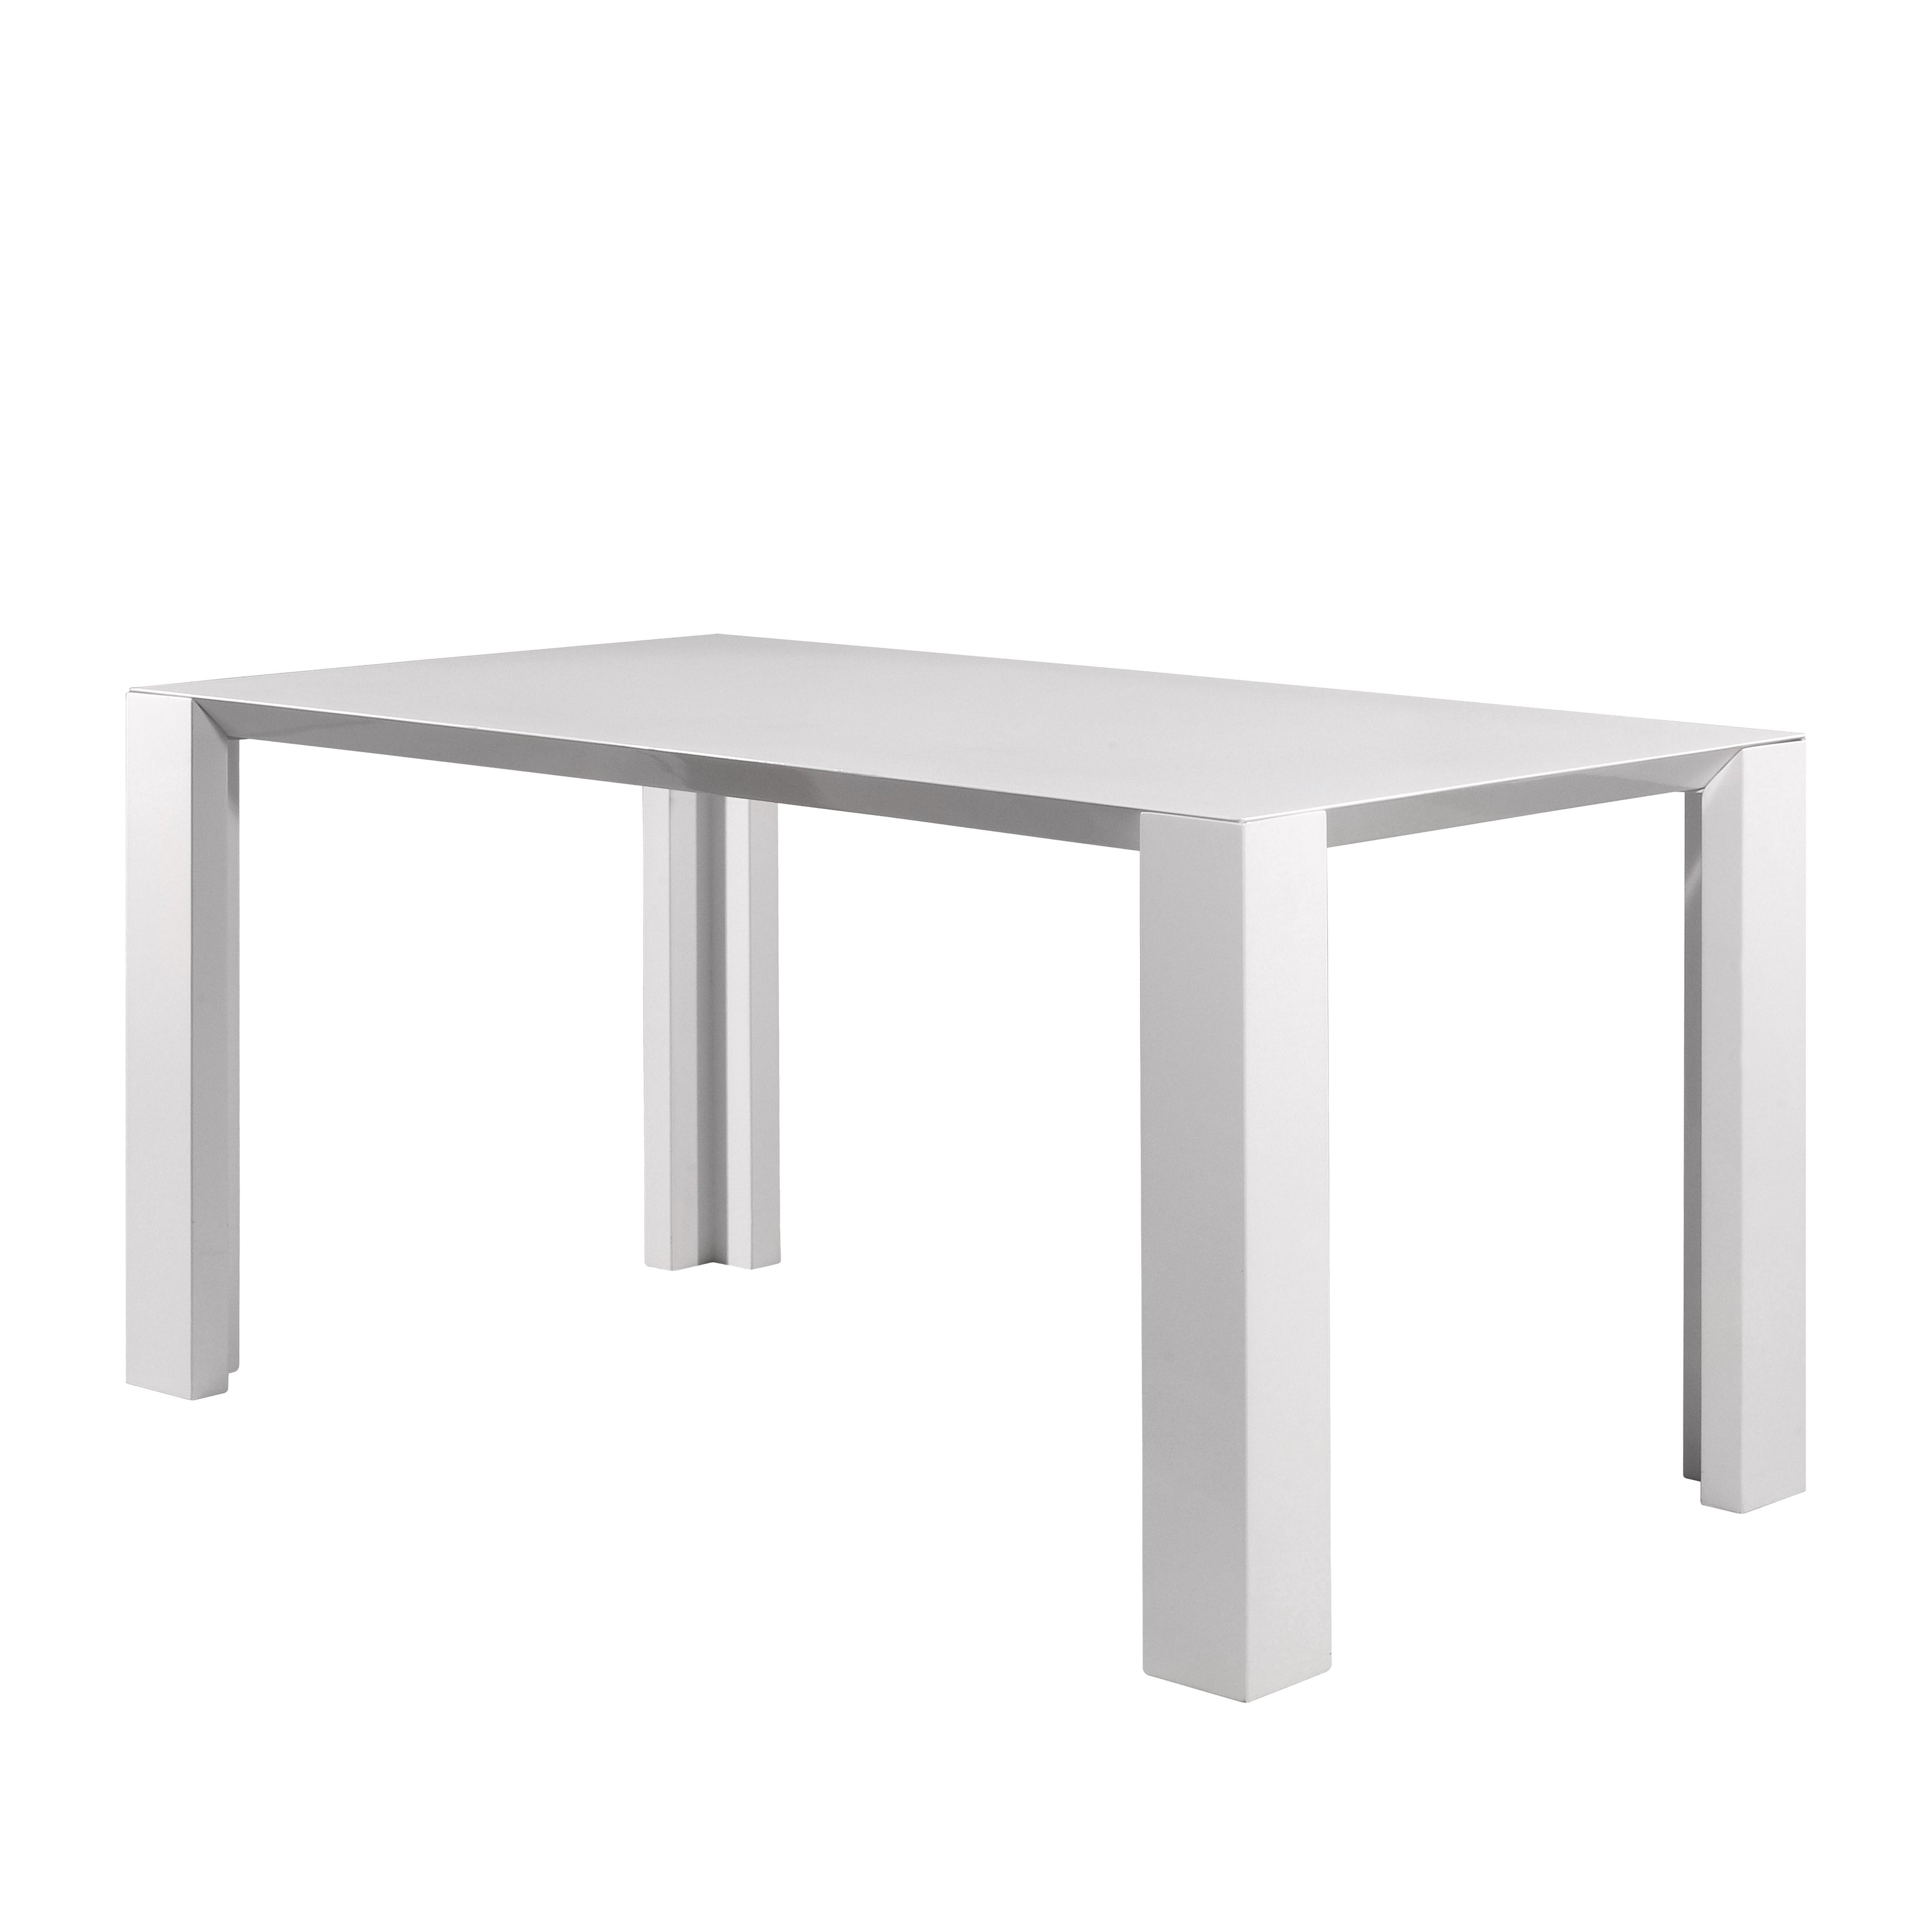 Esstisch Gina – Hochglanz Weiß – Breite: 160 cm, Top Square jetzt bestellen